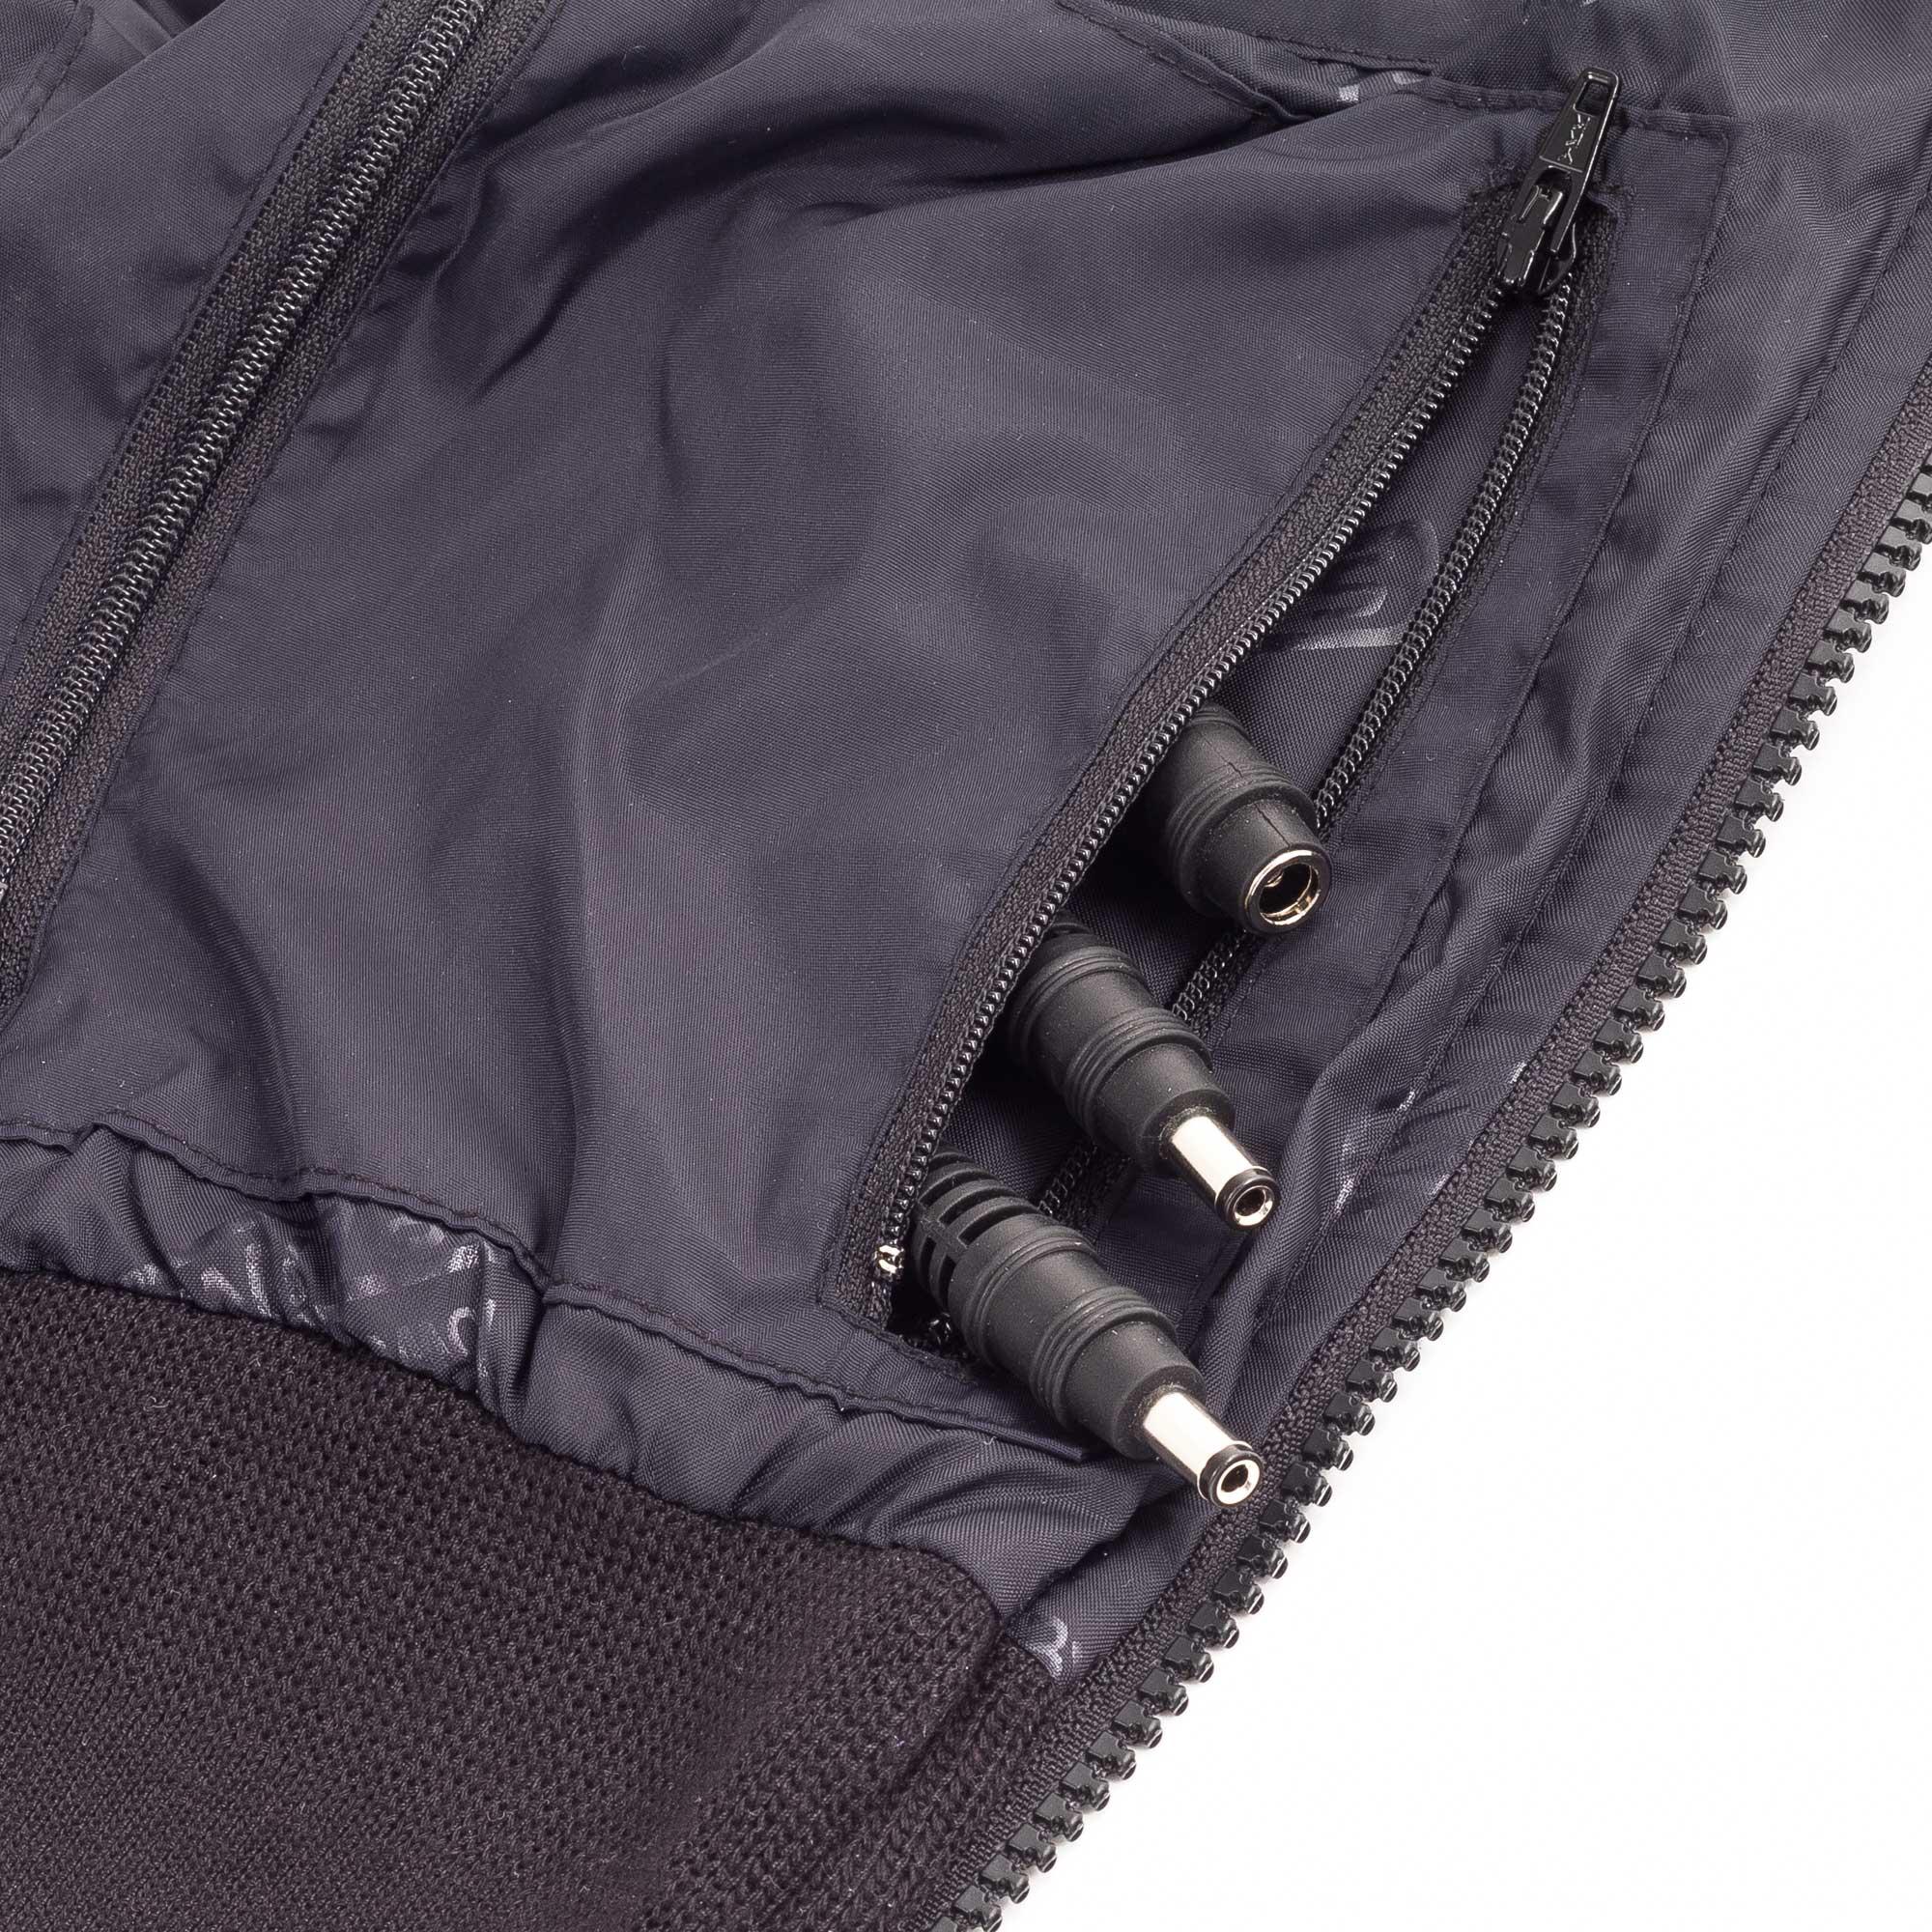 Gerbing's Motorcycle / Bike Heated Motorcycle Jacket Liner